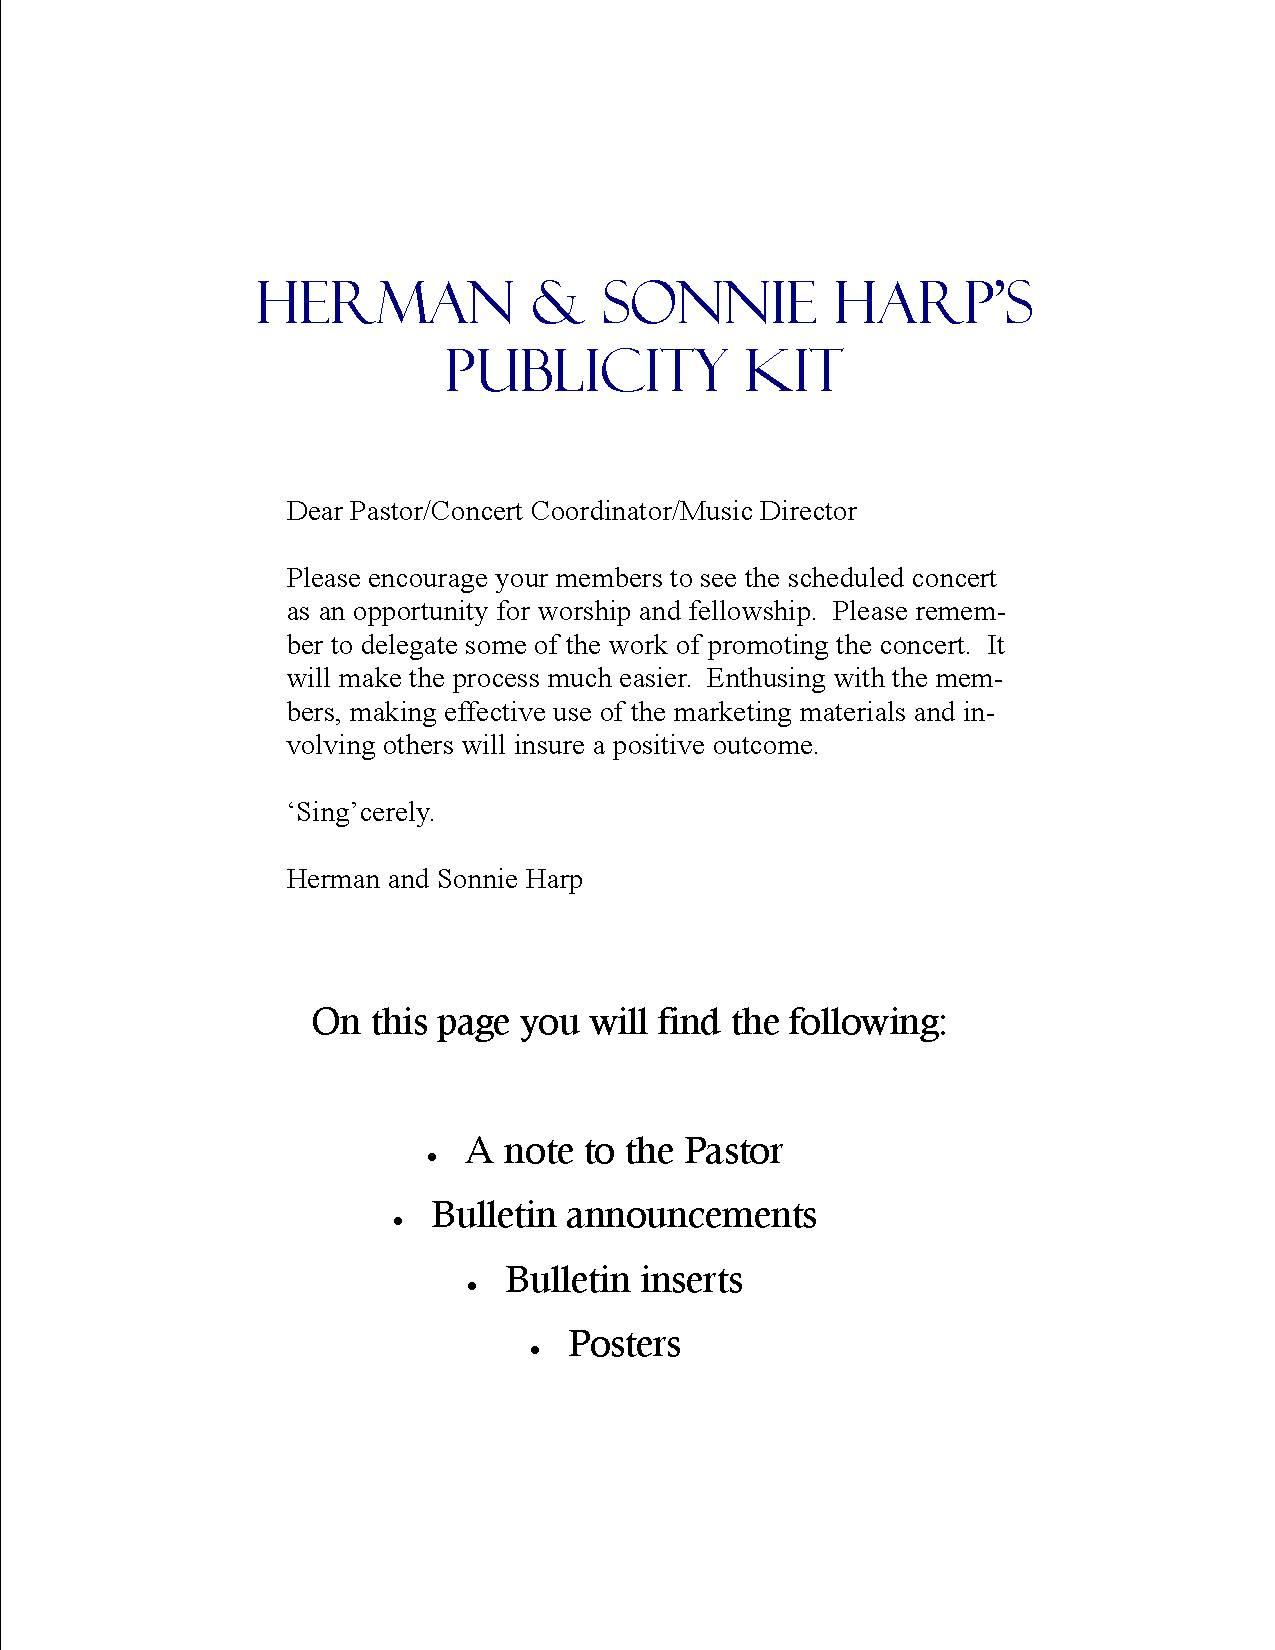 Publicity Kit